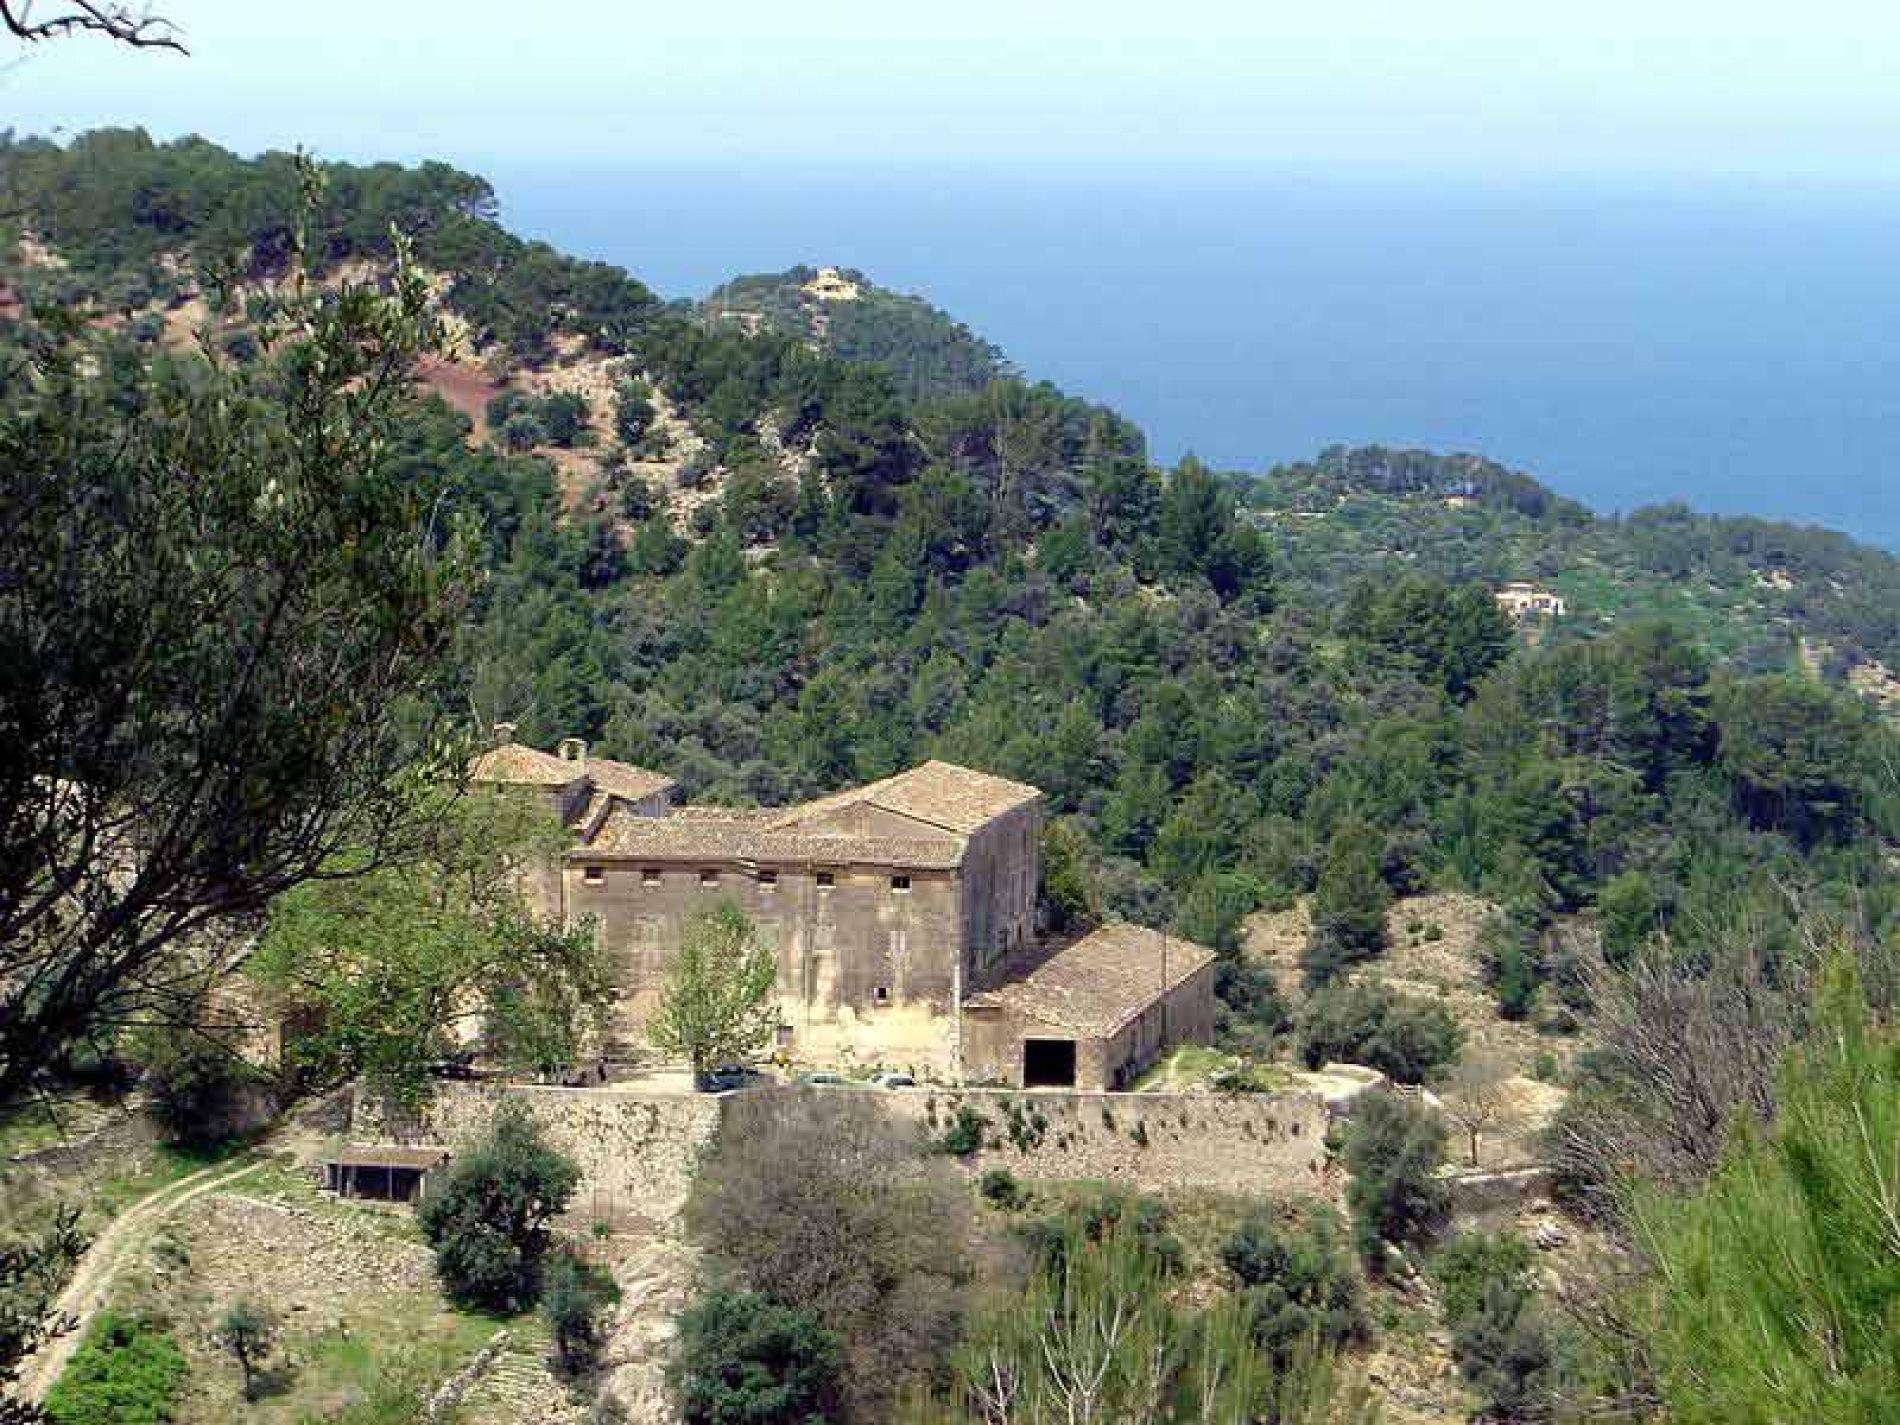 La RFEC denuncia la prohibición de cazar en las fincas públicas por parte del Consell de Mallorca